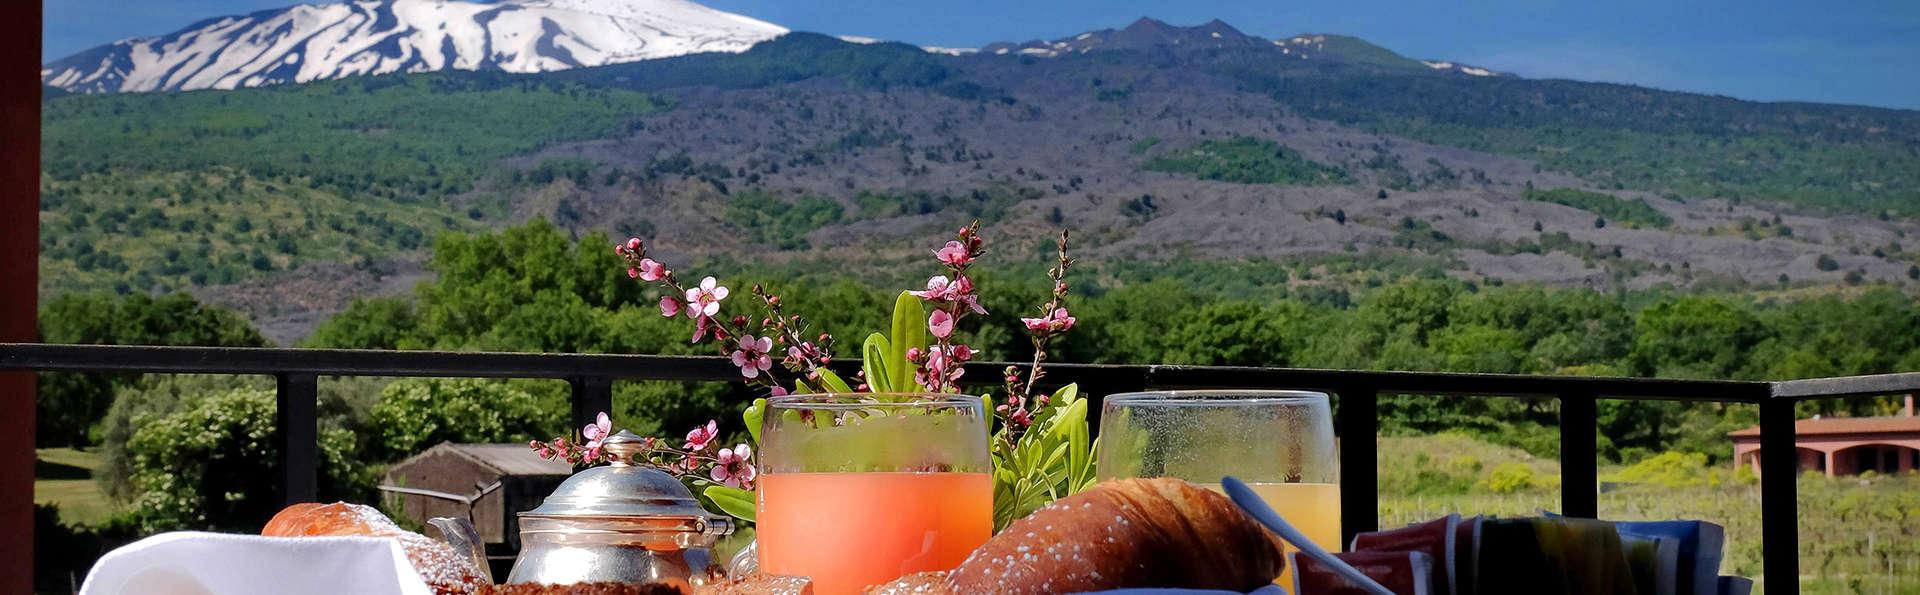 Douce idylle au pied du Parc de l'Etna